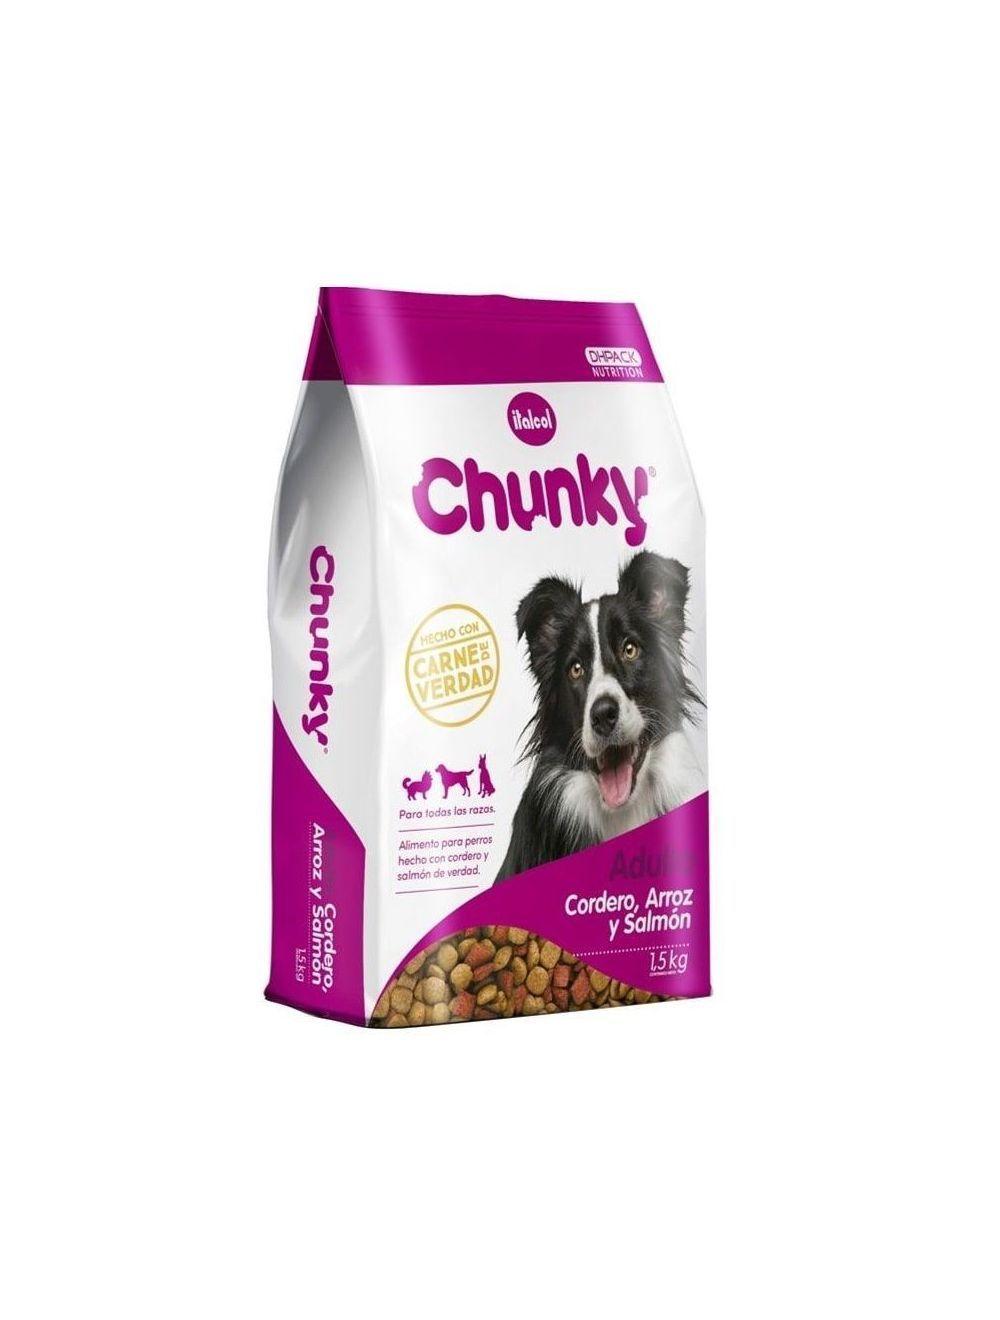 Chunky cordero arroz y salmón 1.5 Kg